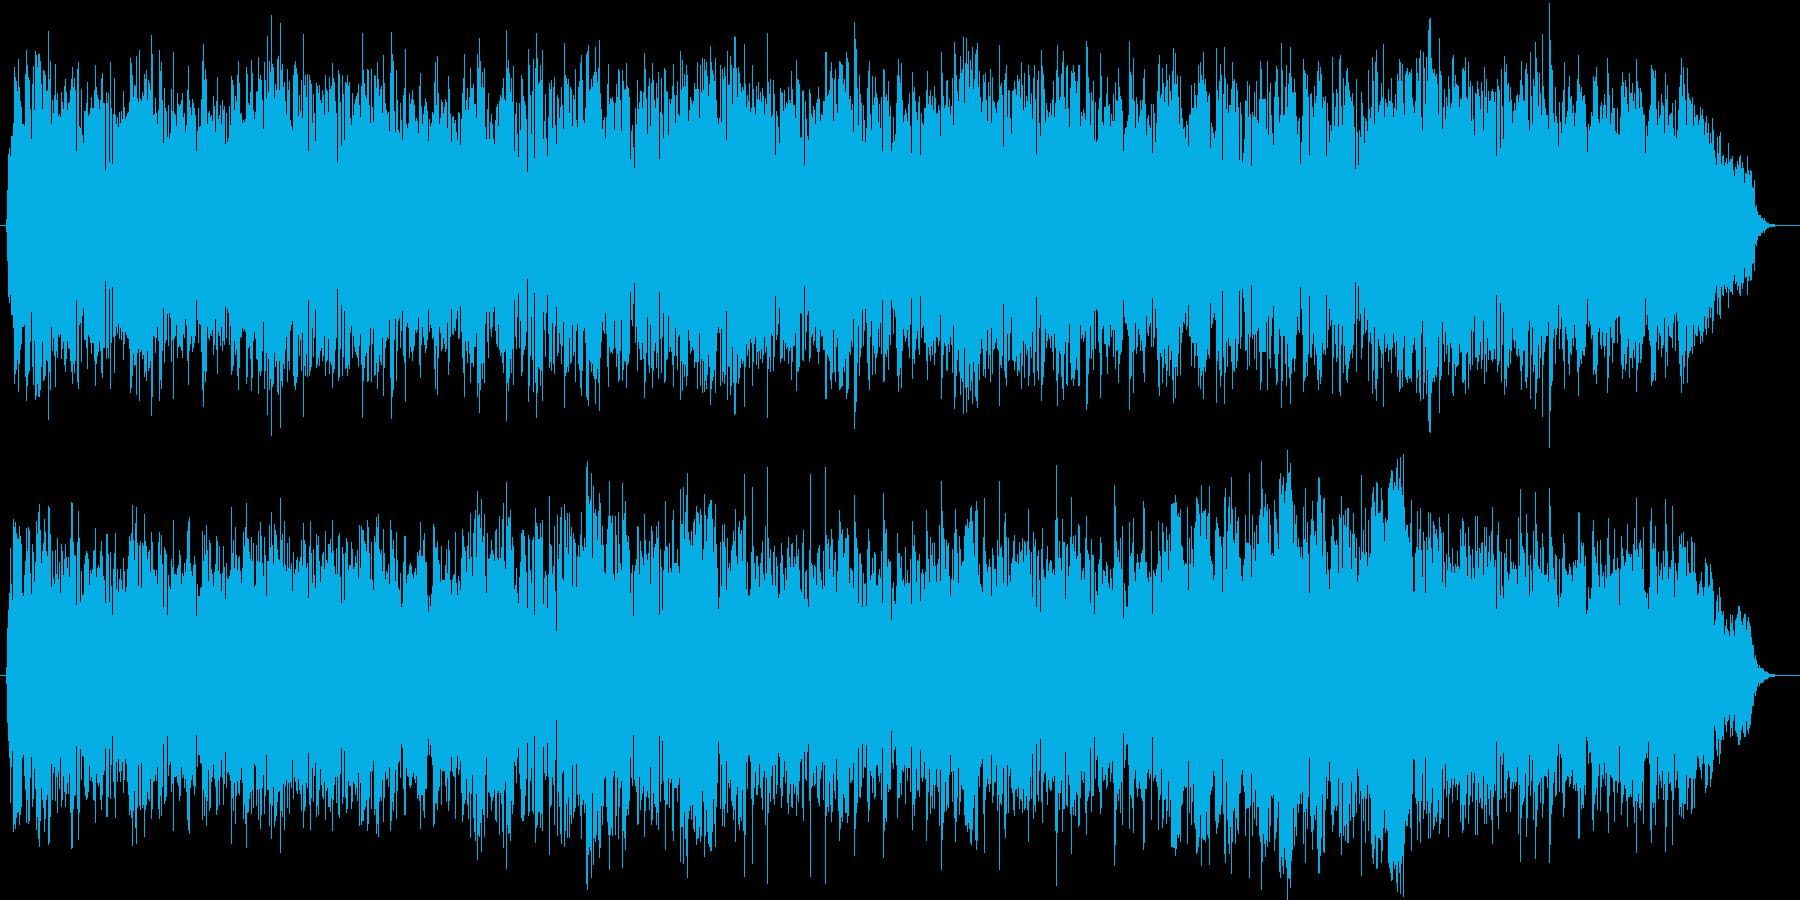 ピアノとストリングスの華麗なメロディーの再生済みの波形